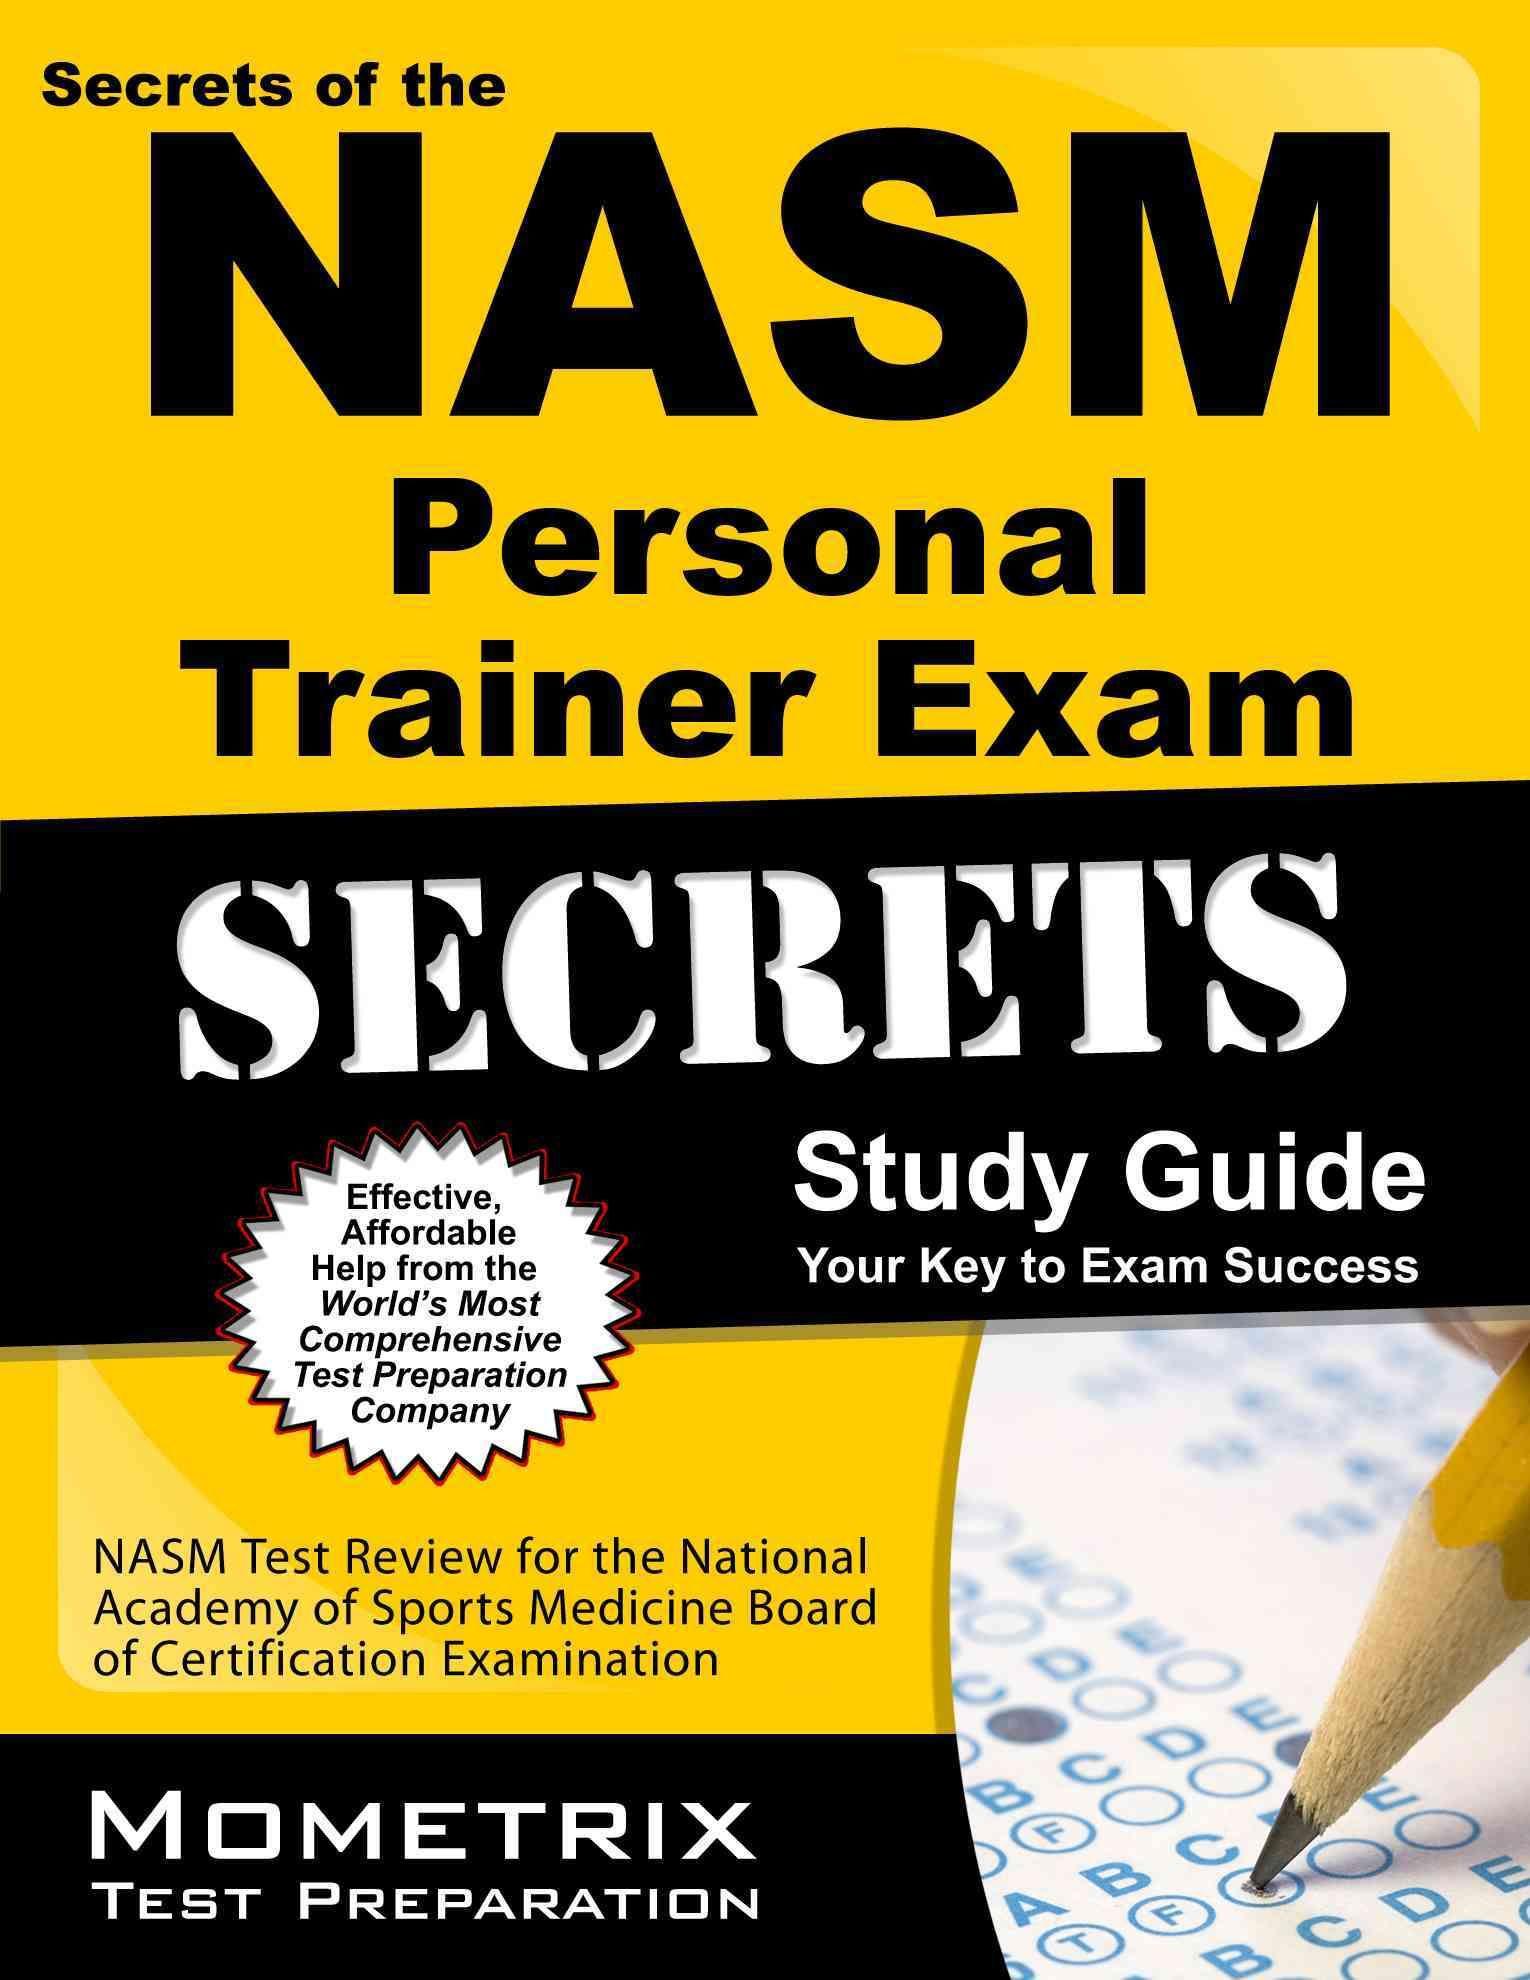 Secrets of the nasm personal trainer exam nasm test review for secrets of the nasm personal trainer exam nasm test review for the national academy of 1betcityfo Choice Image